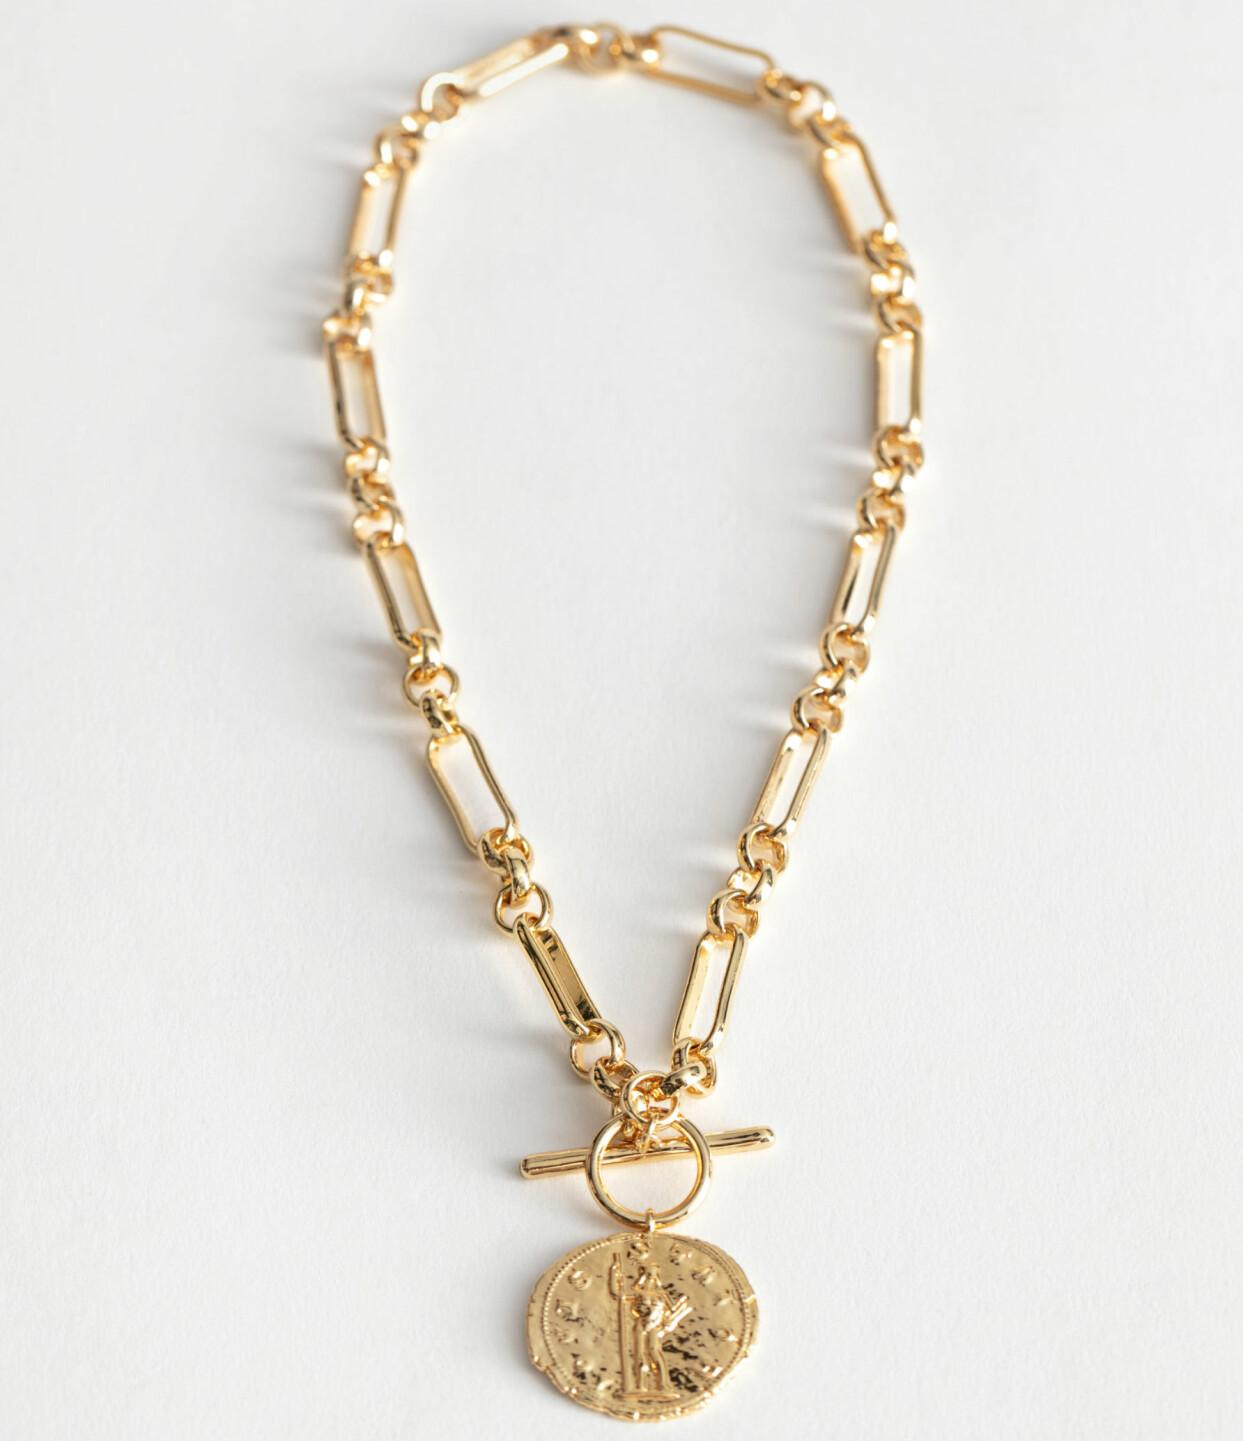 Kort halsband i guldfärgad metall med mynthänge, från & Other Stories